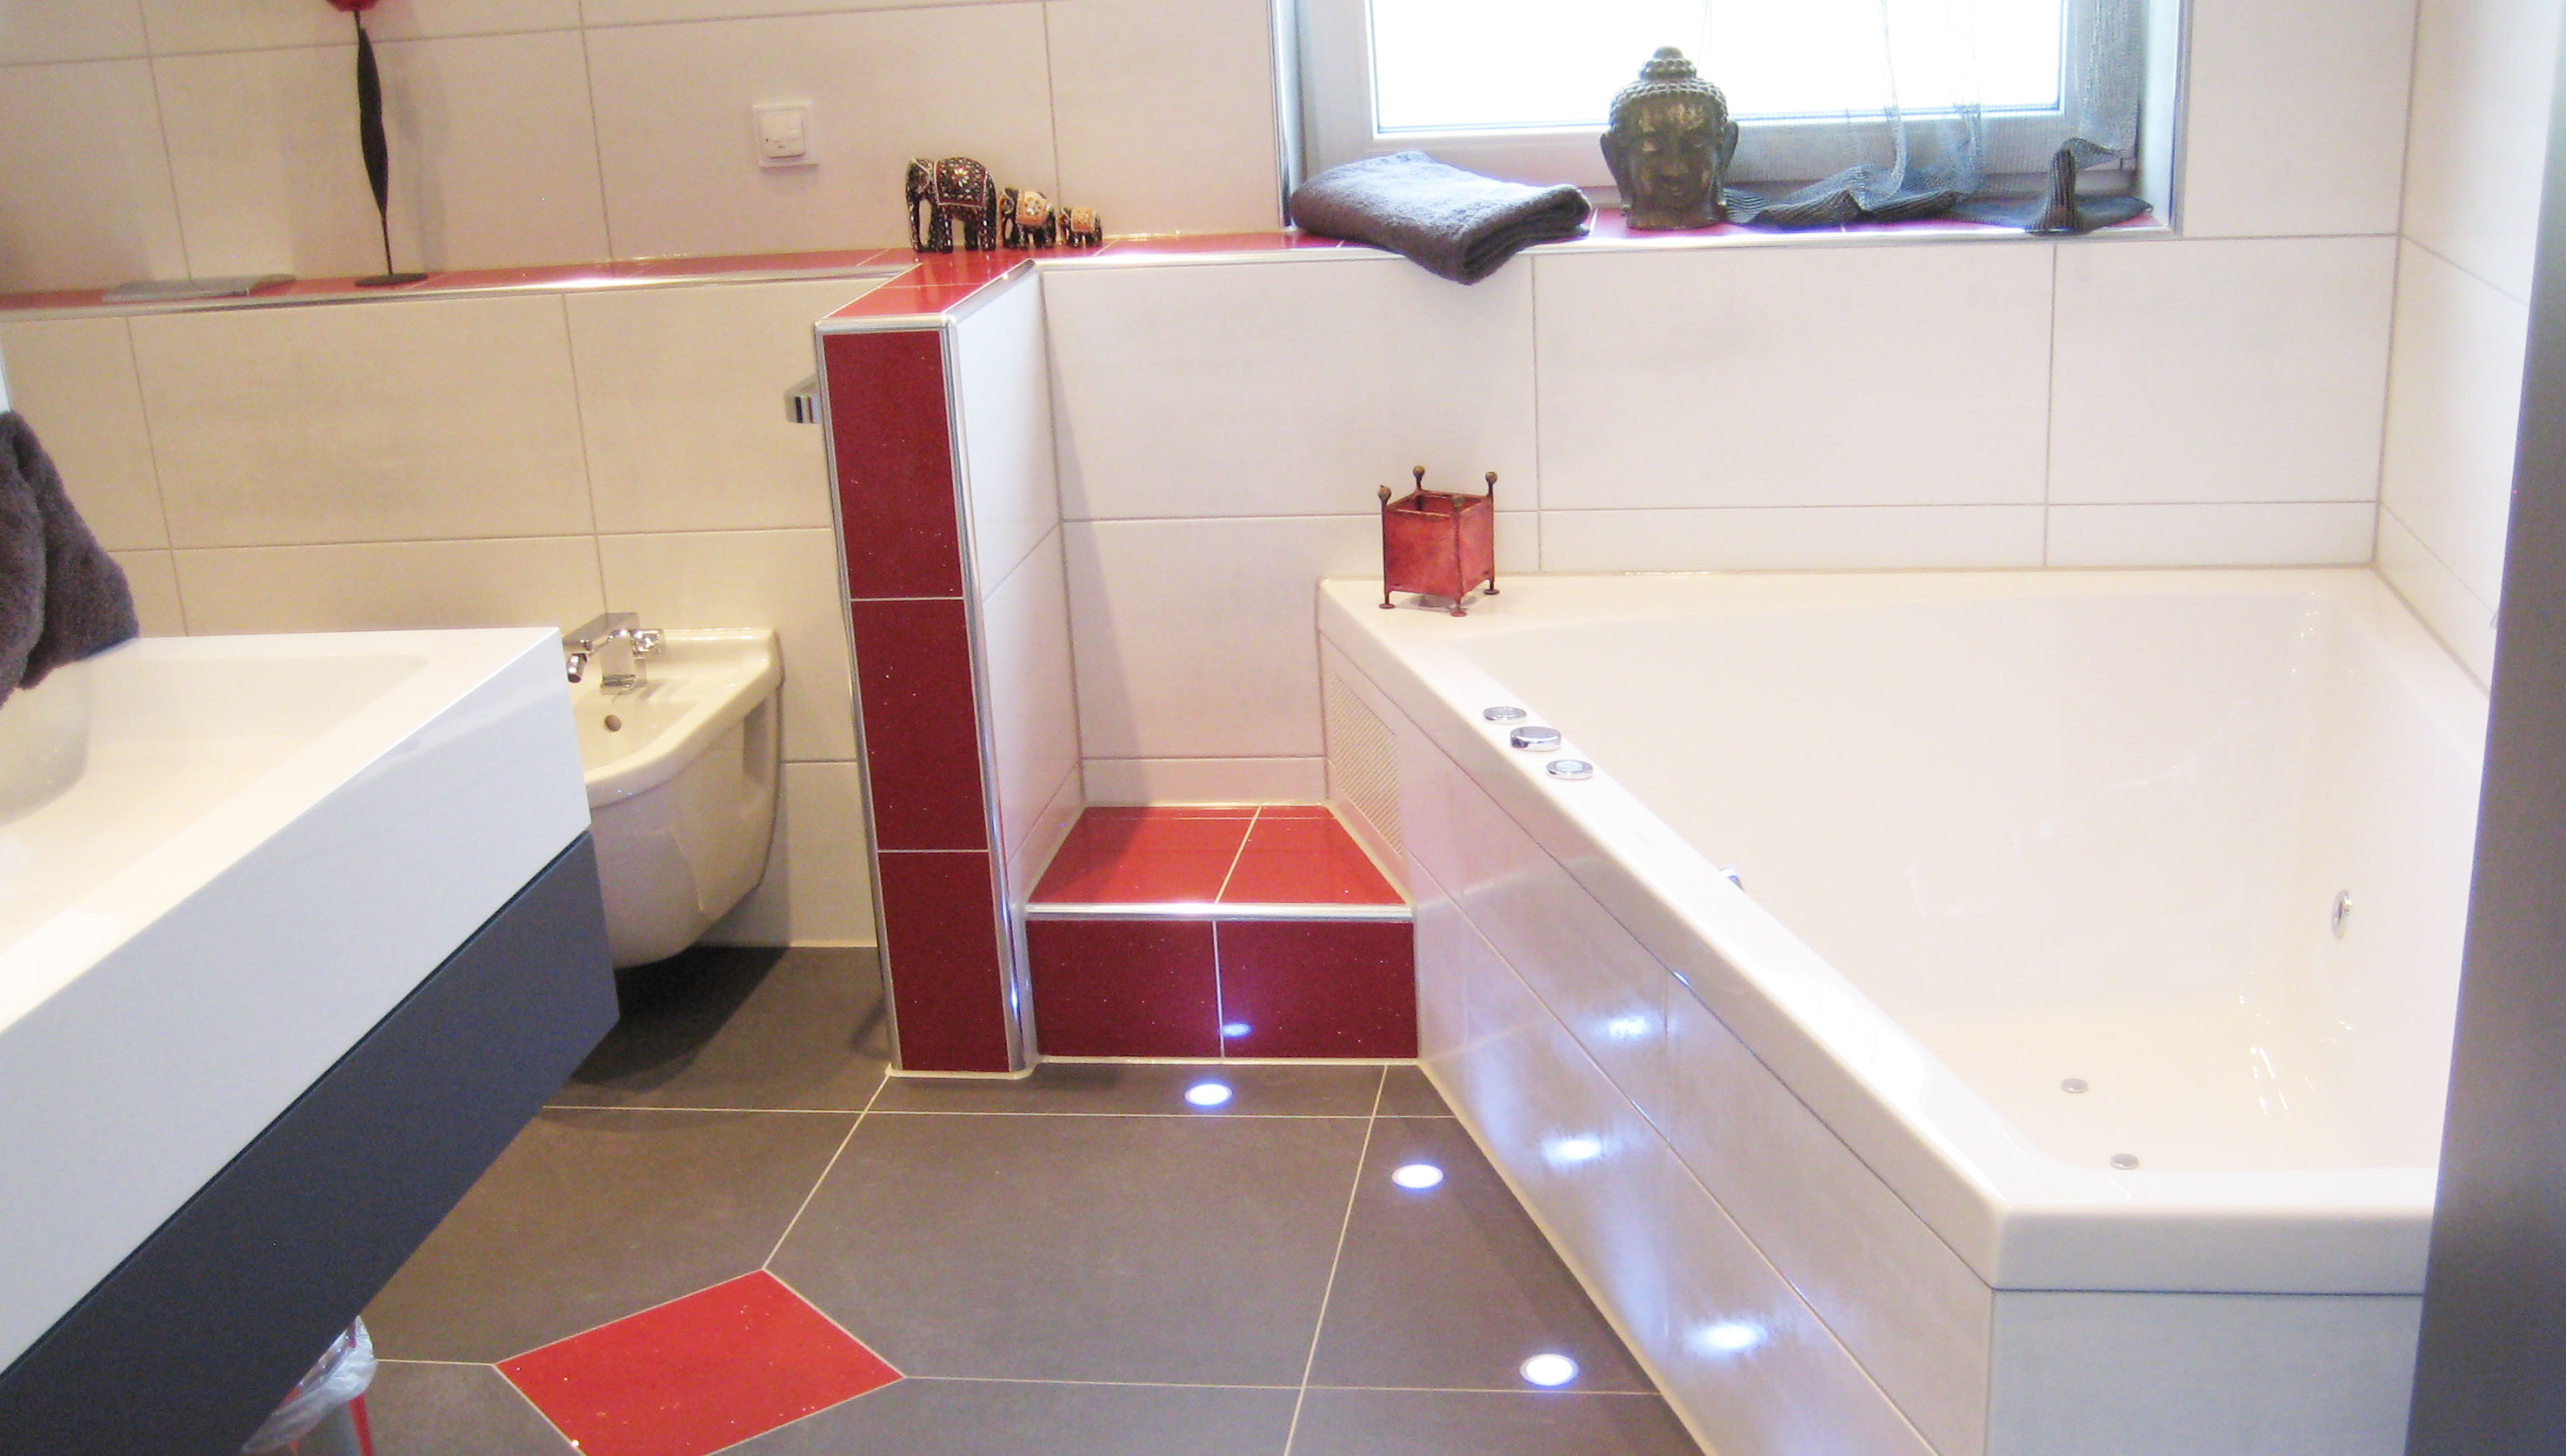 Хромированный уголок для плитки в ванной